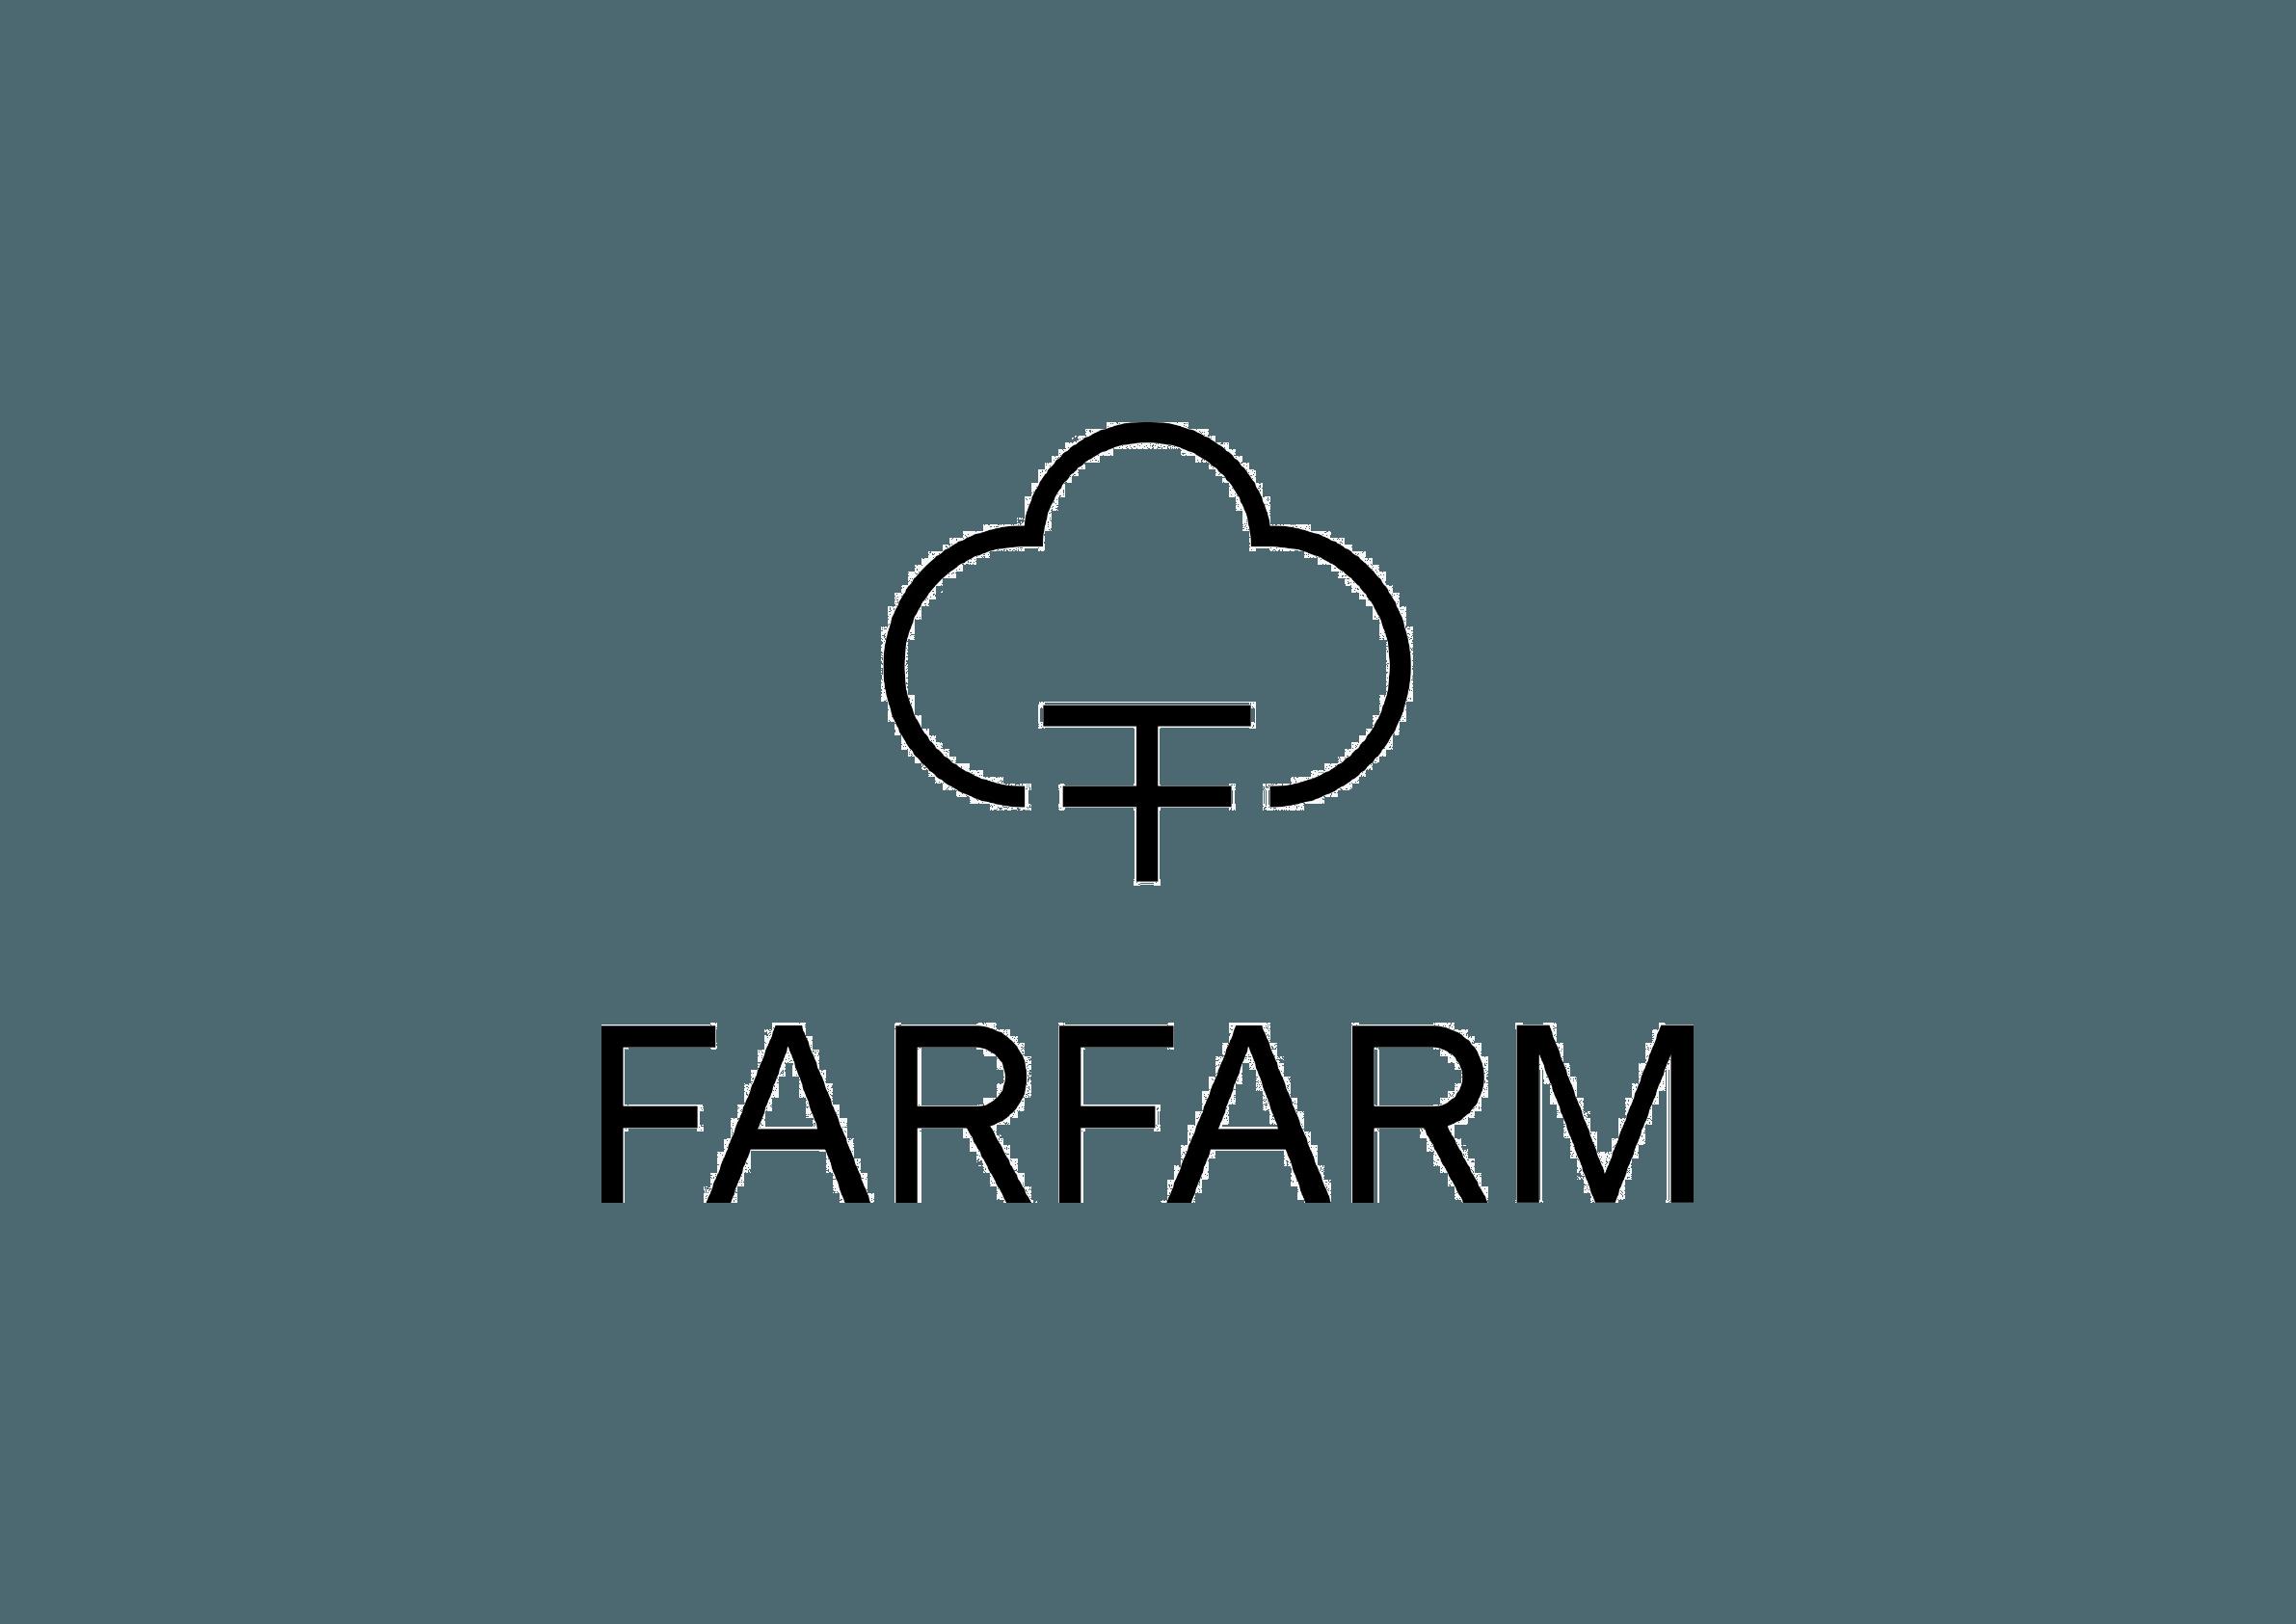 Farfarm